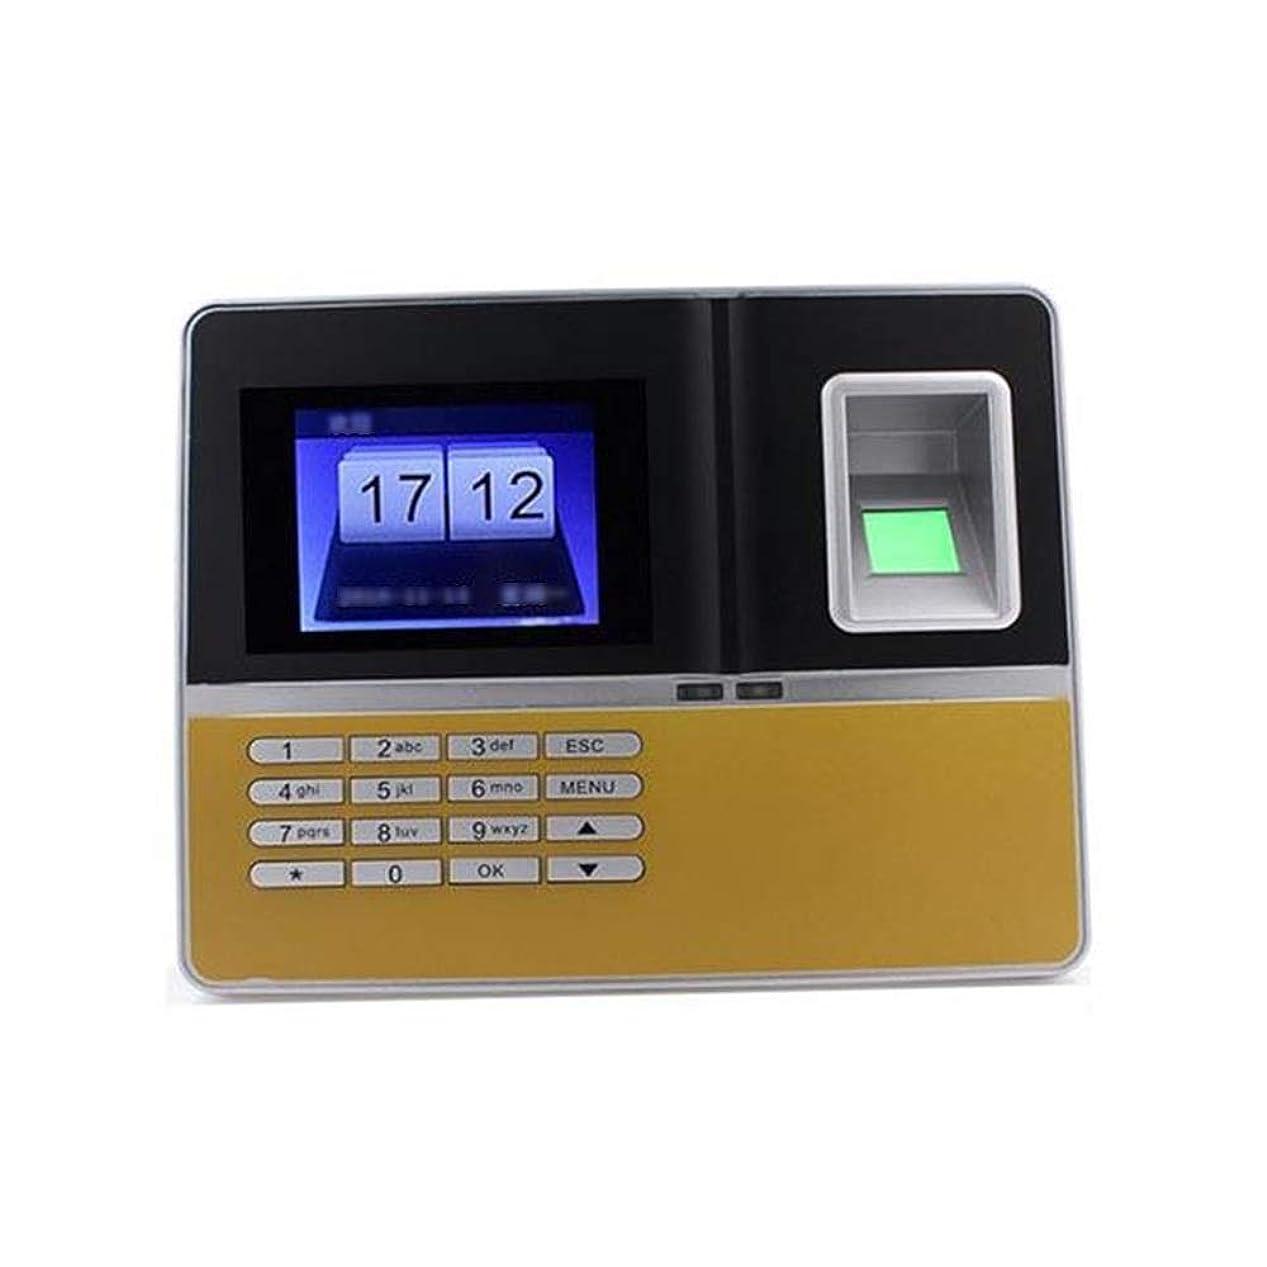 そよ風ベースよく話される指紋出席マシンサインイン指紋認証署名英語出席マシンWIFIワイヤレスネットワーキング チェックインレコーダー (色 : Photo color, サイズ : Oner size)